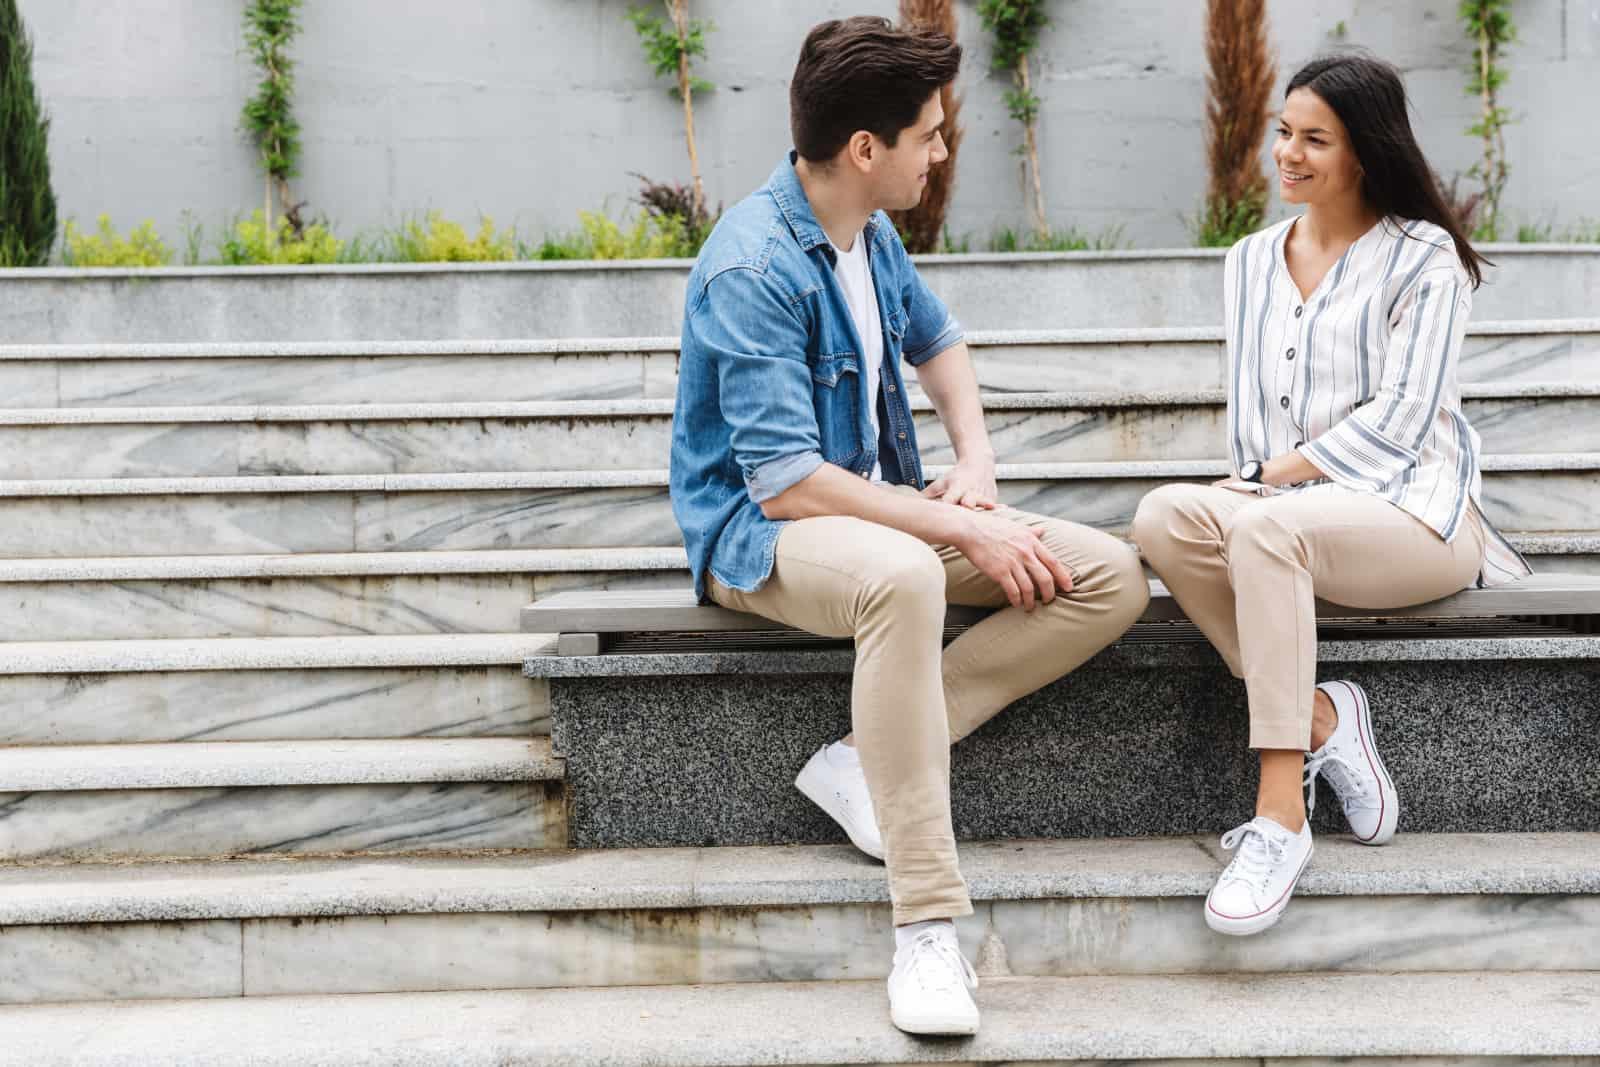 Ein junges Paar sitzt im Park und redet